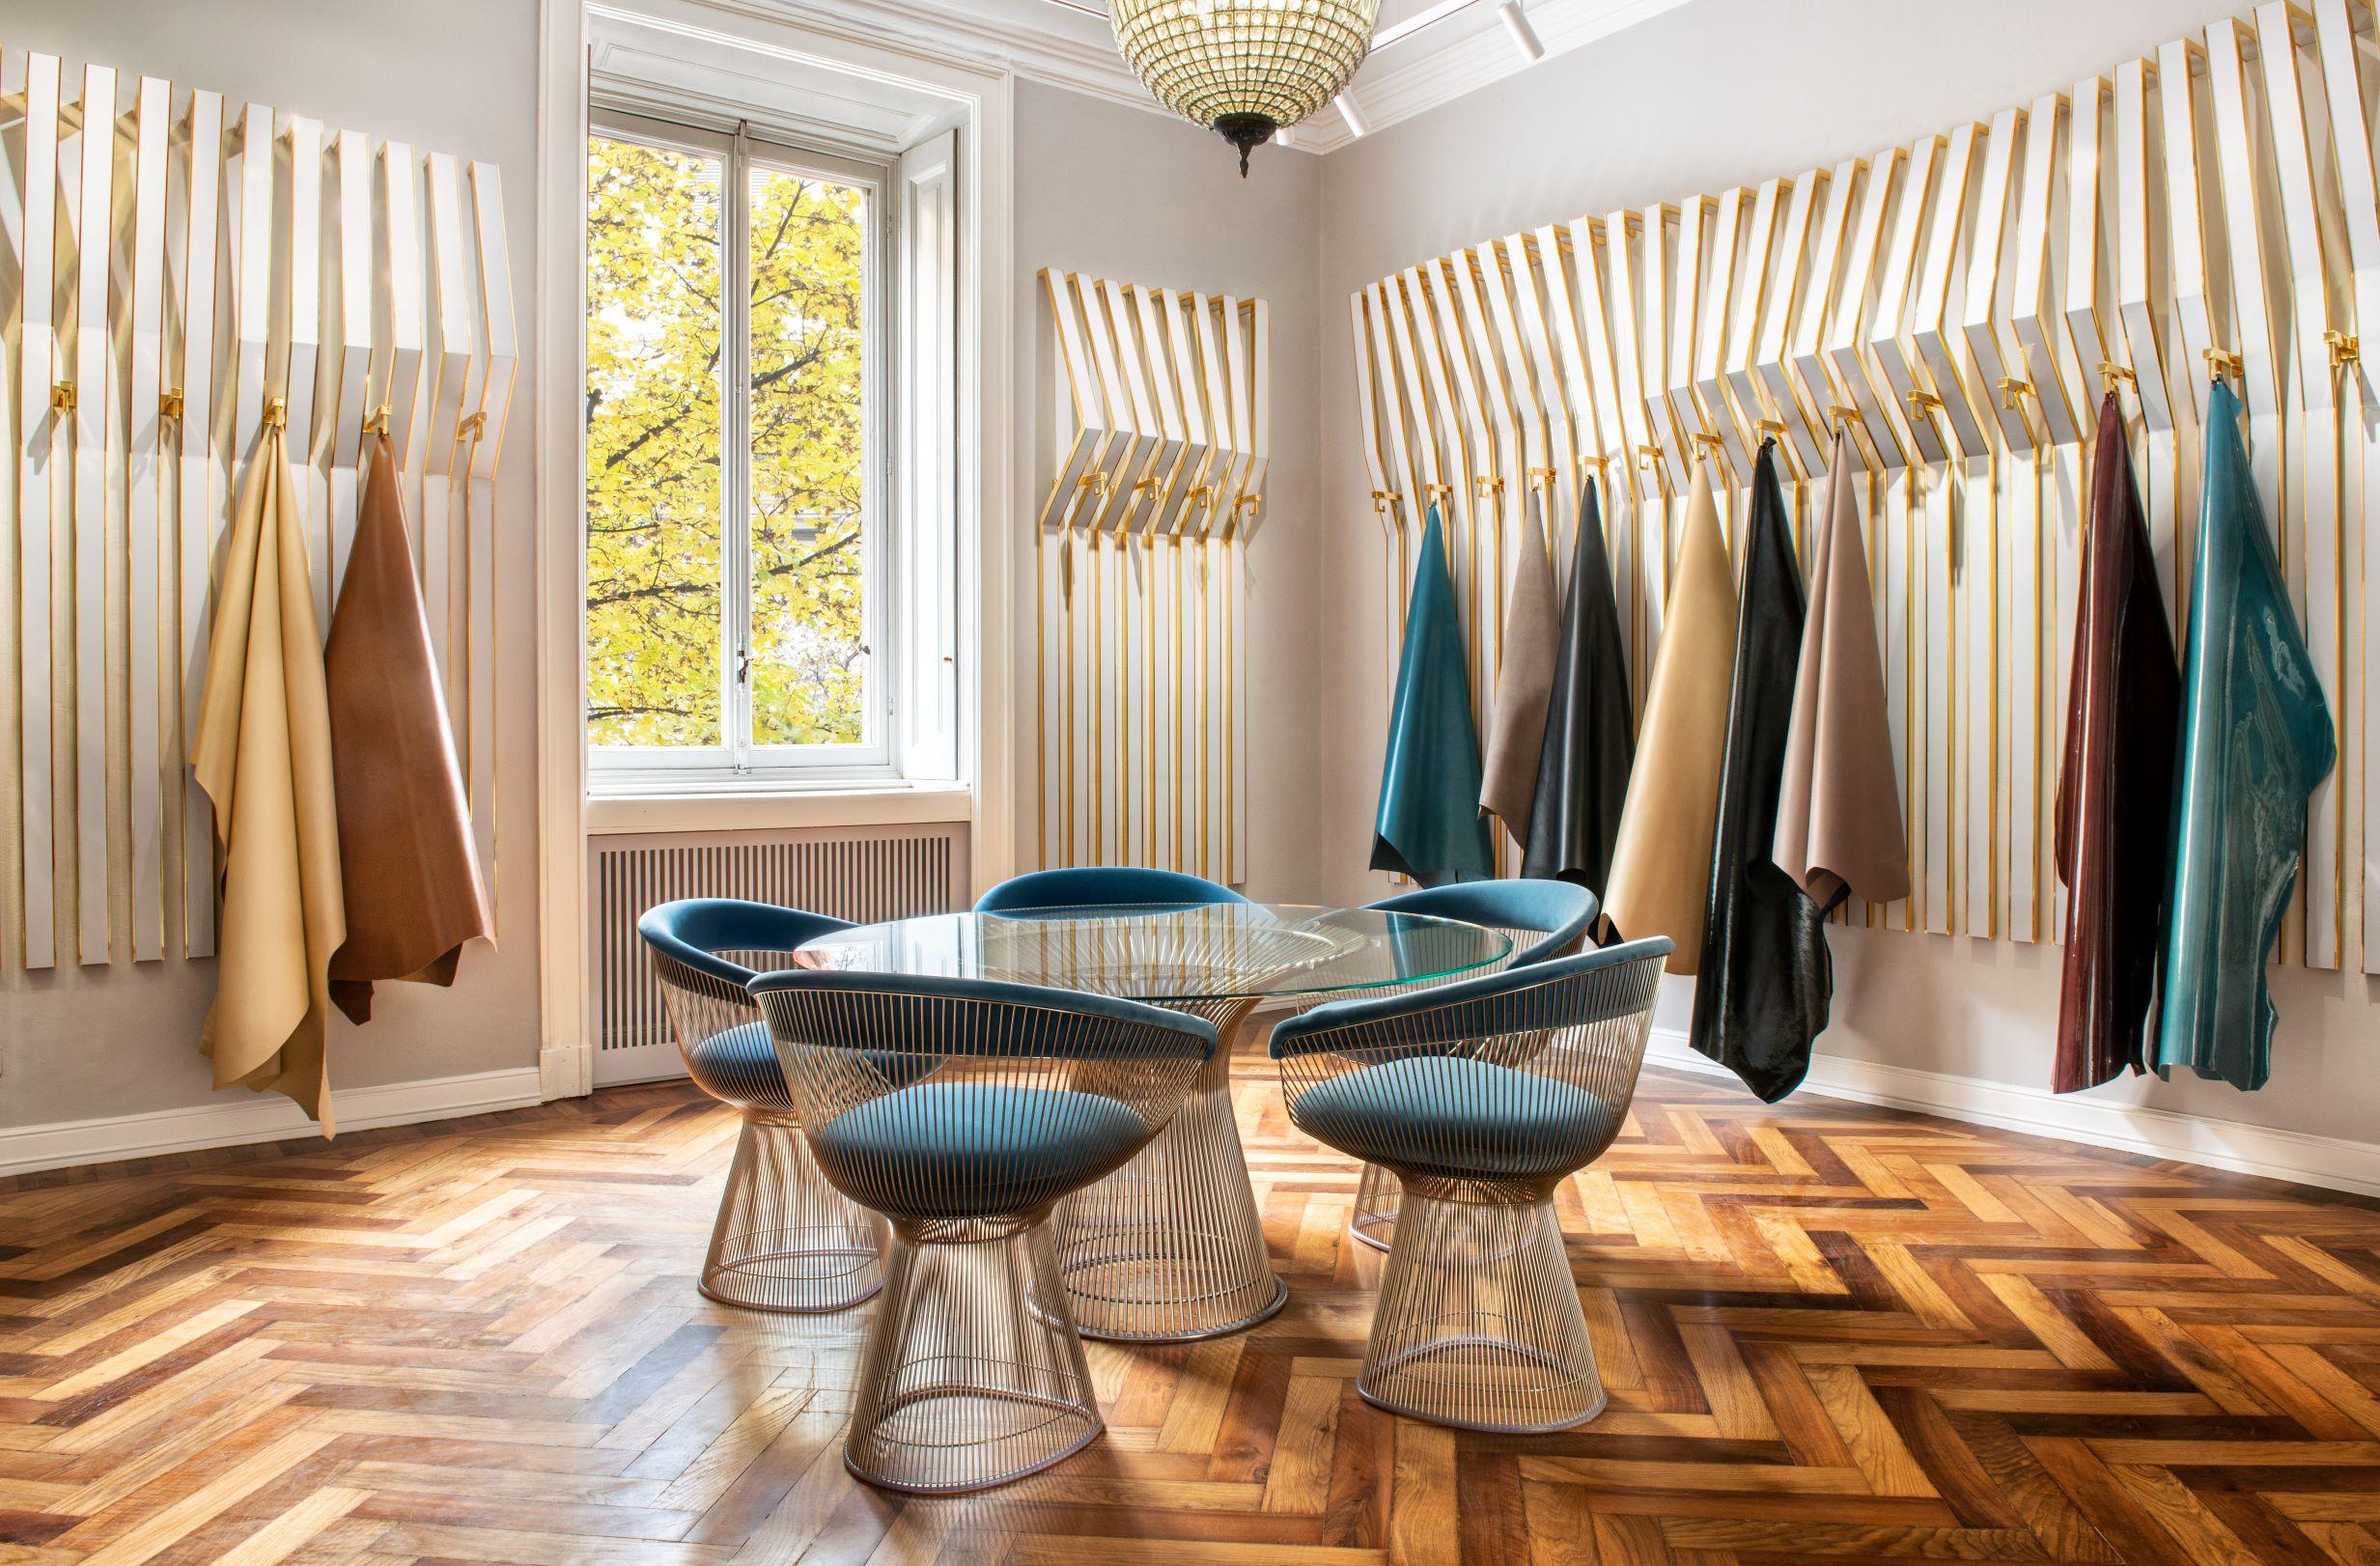 lineapelle-2019-la-conceria-superior-espone-la-sua-collezione-presso-il-suo-showroom-di-milano